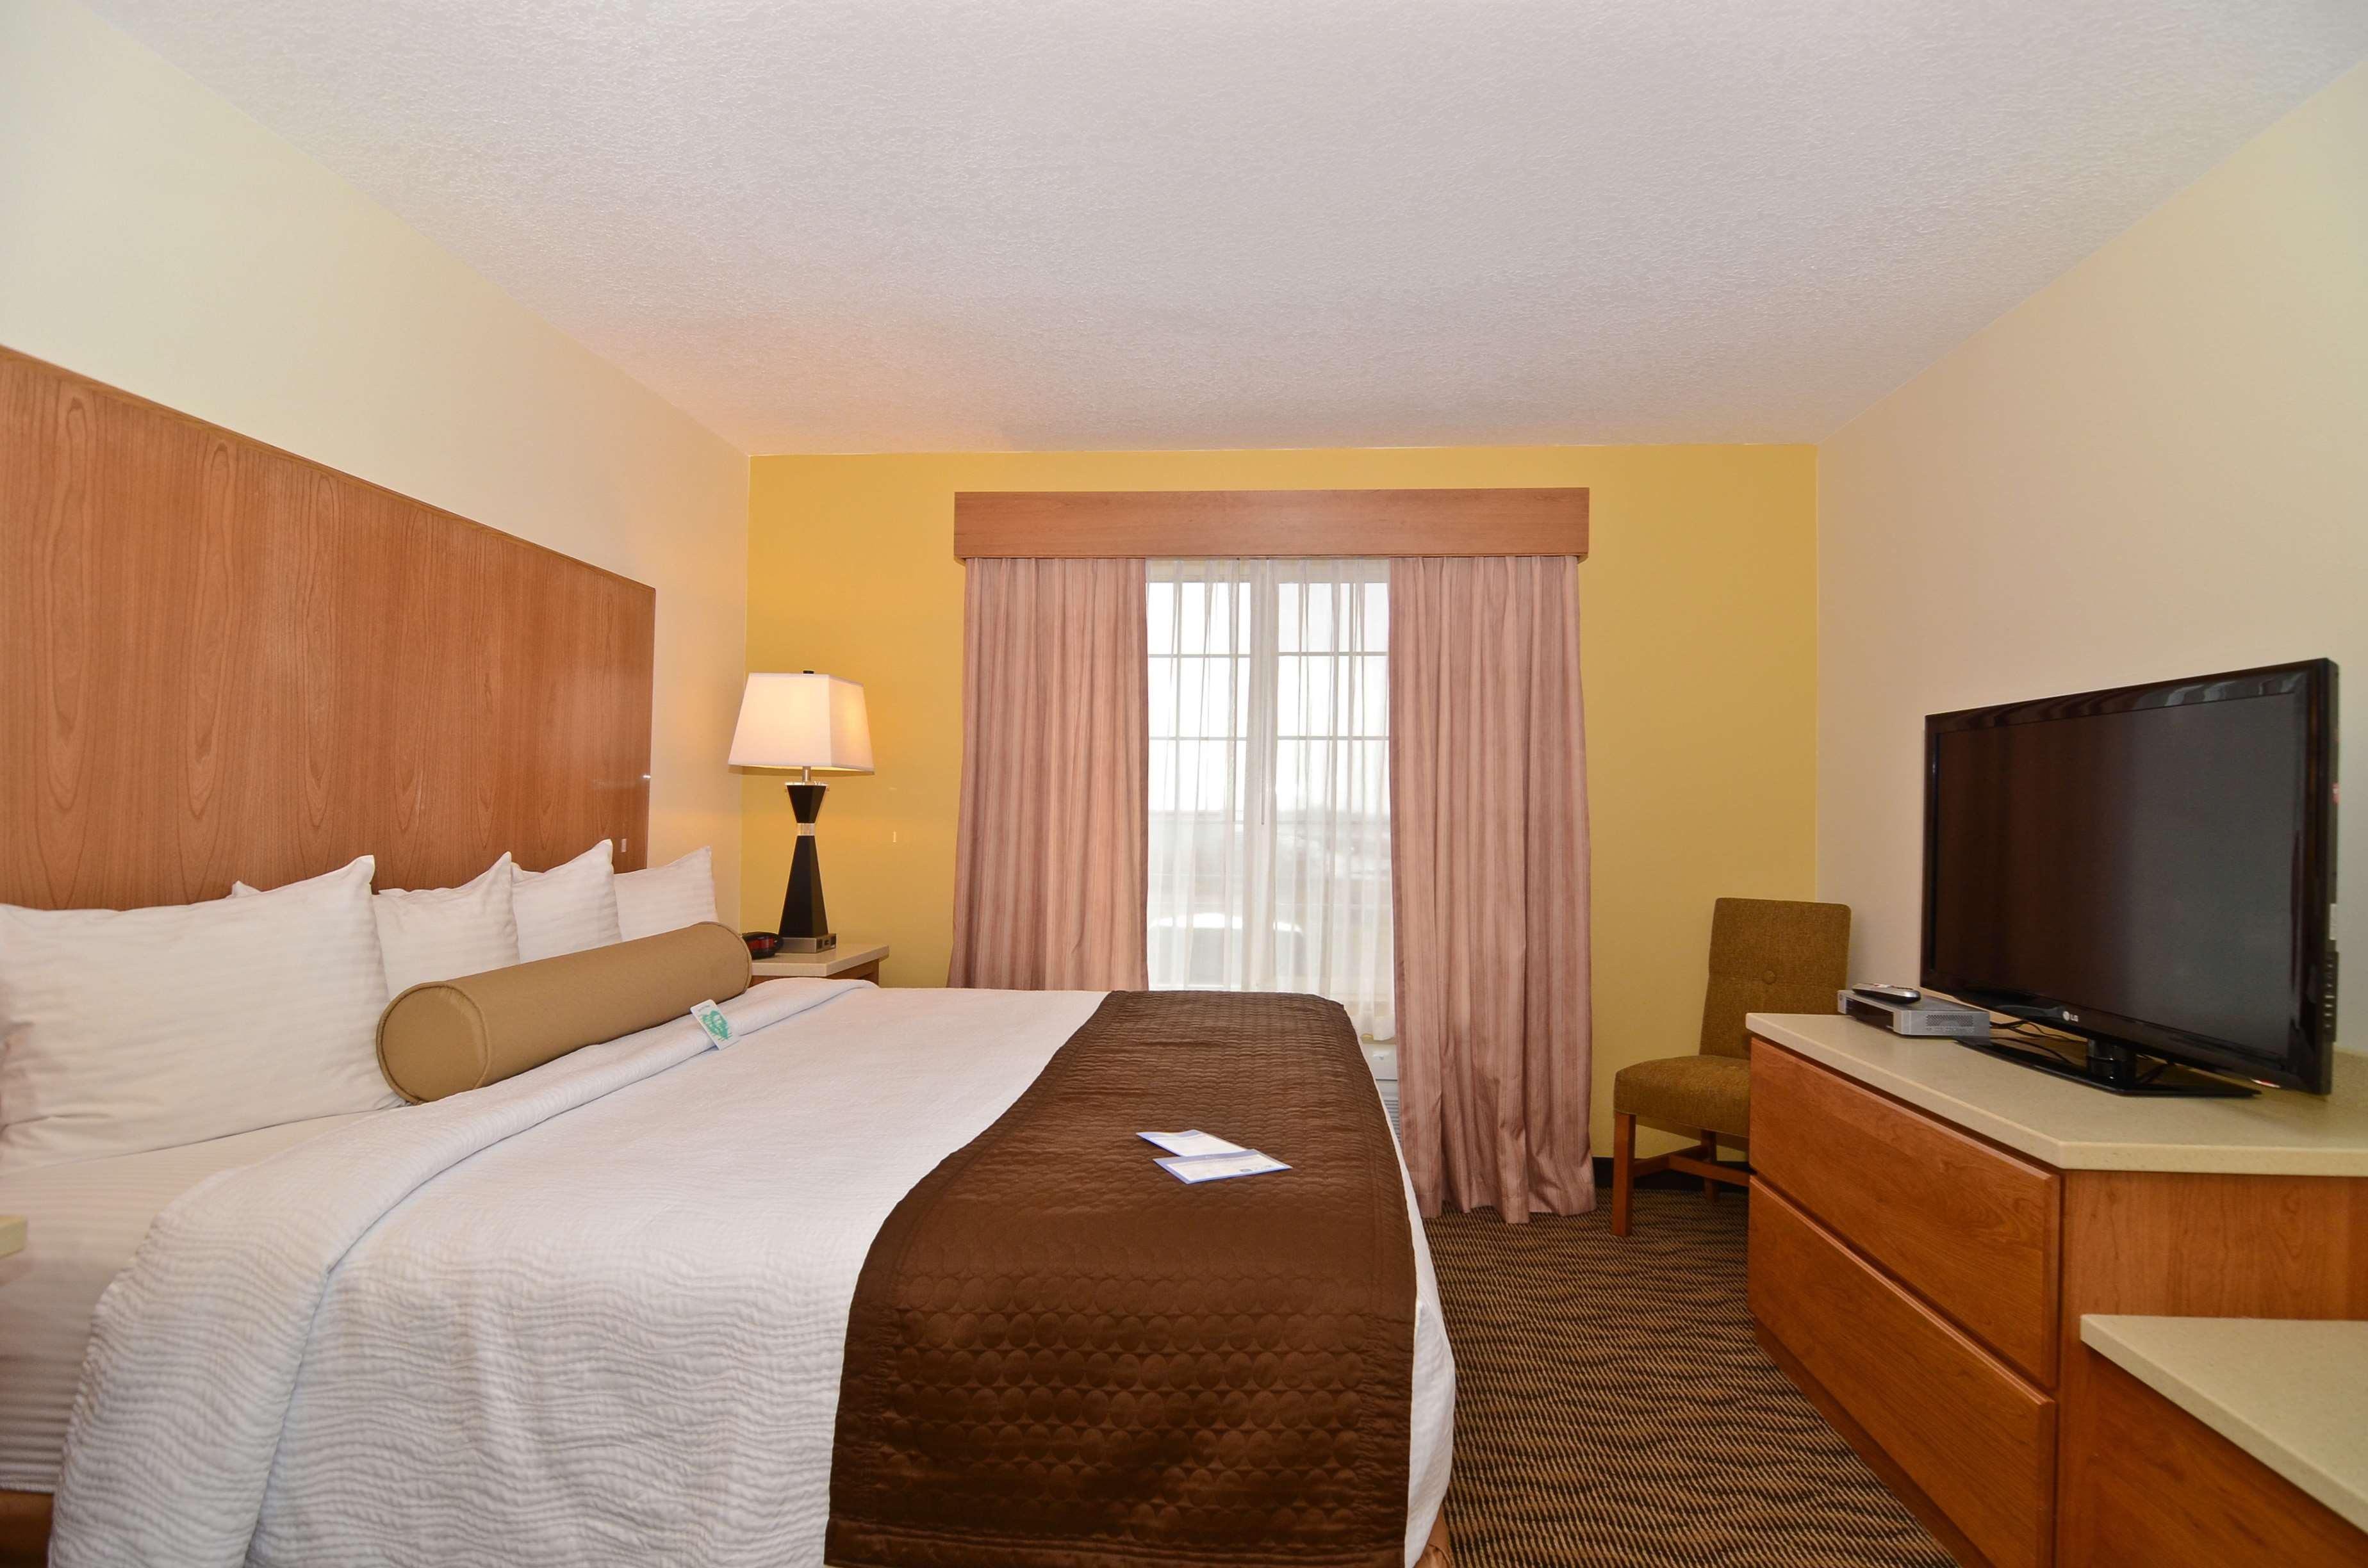 Best Western Plus Park Place Inn & Suites image 34